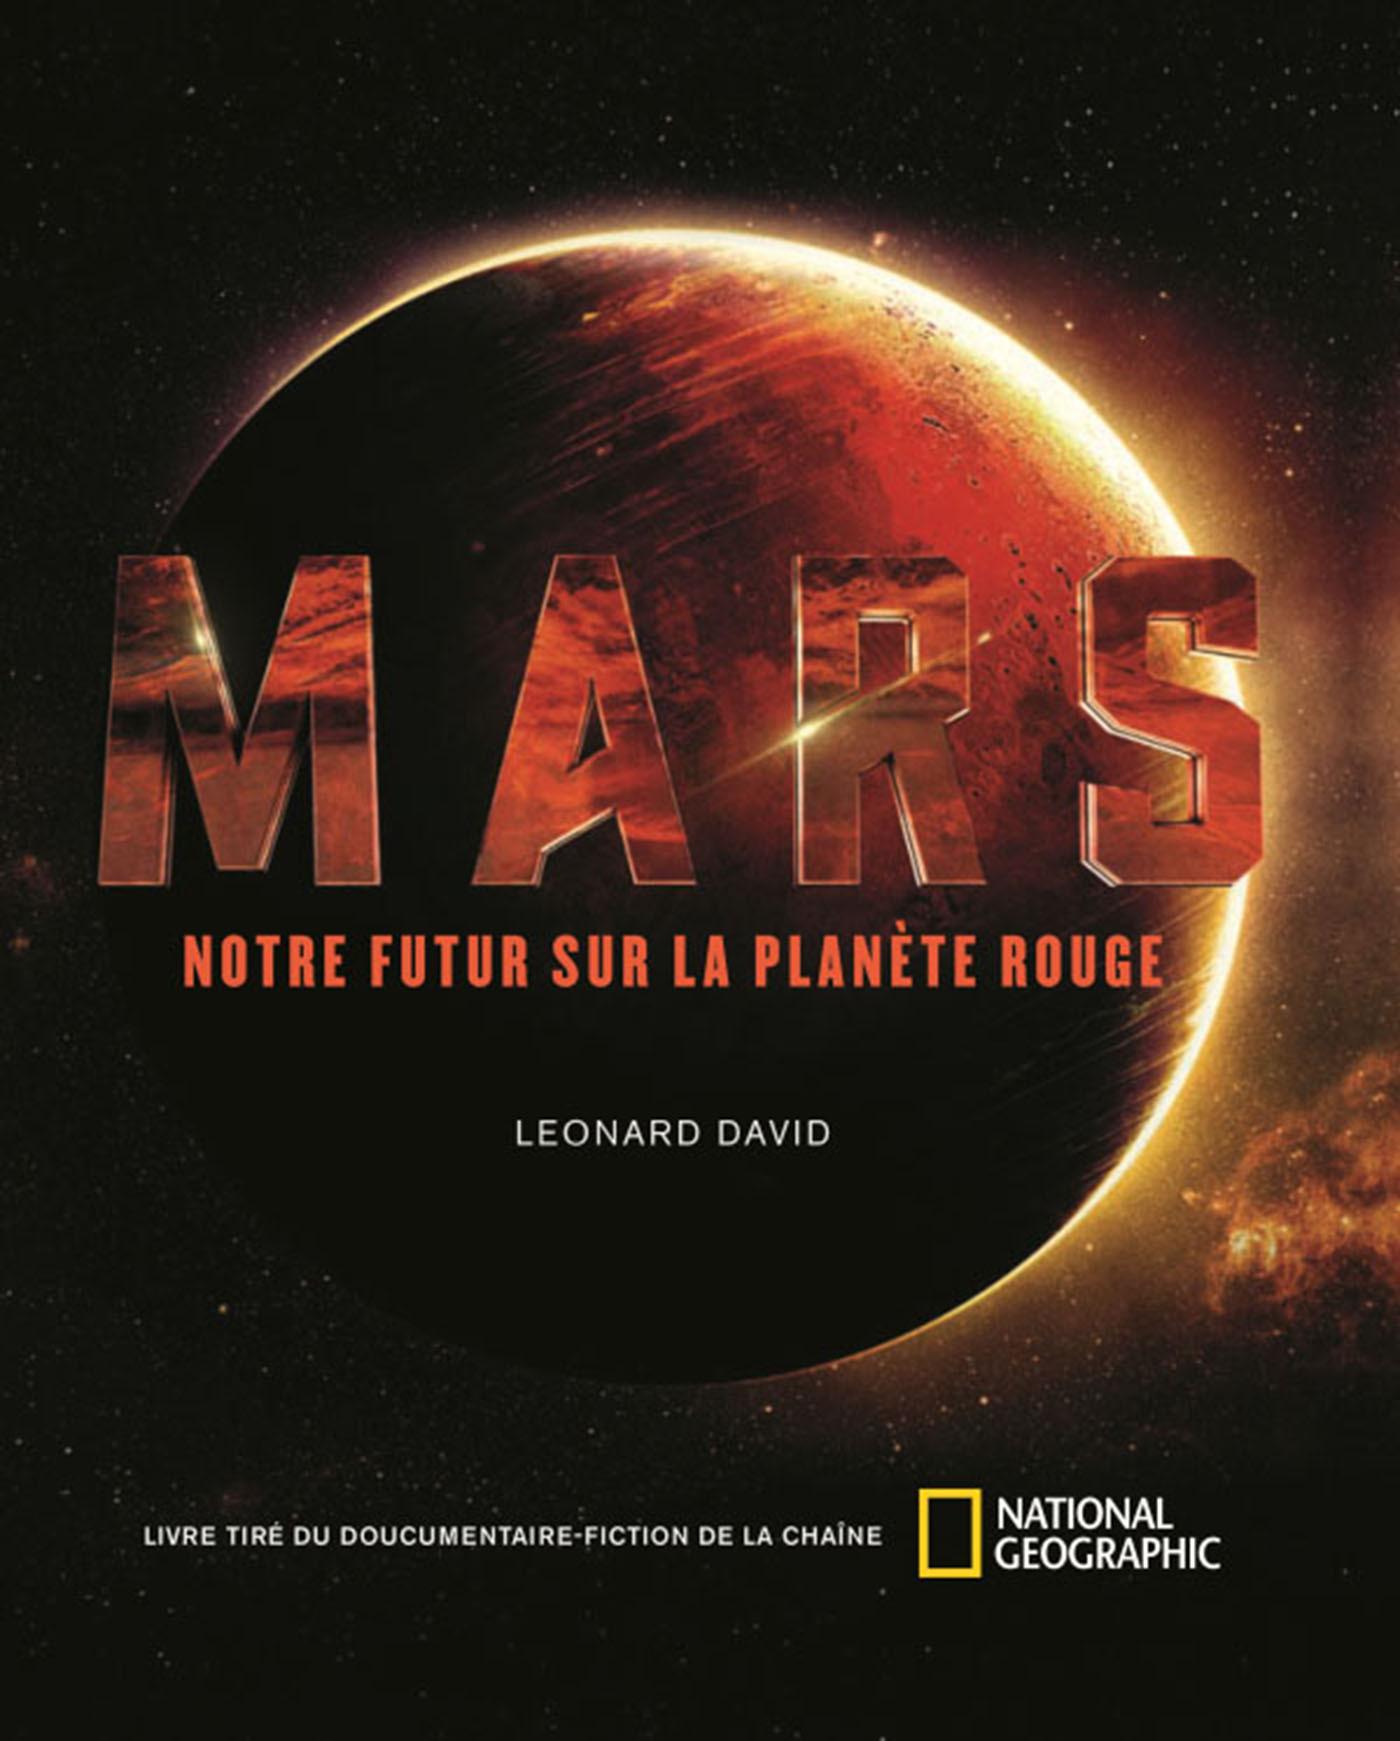 MARS - NOTRE FUTUR SUR LA PLANETE ROUGE